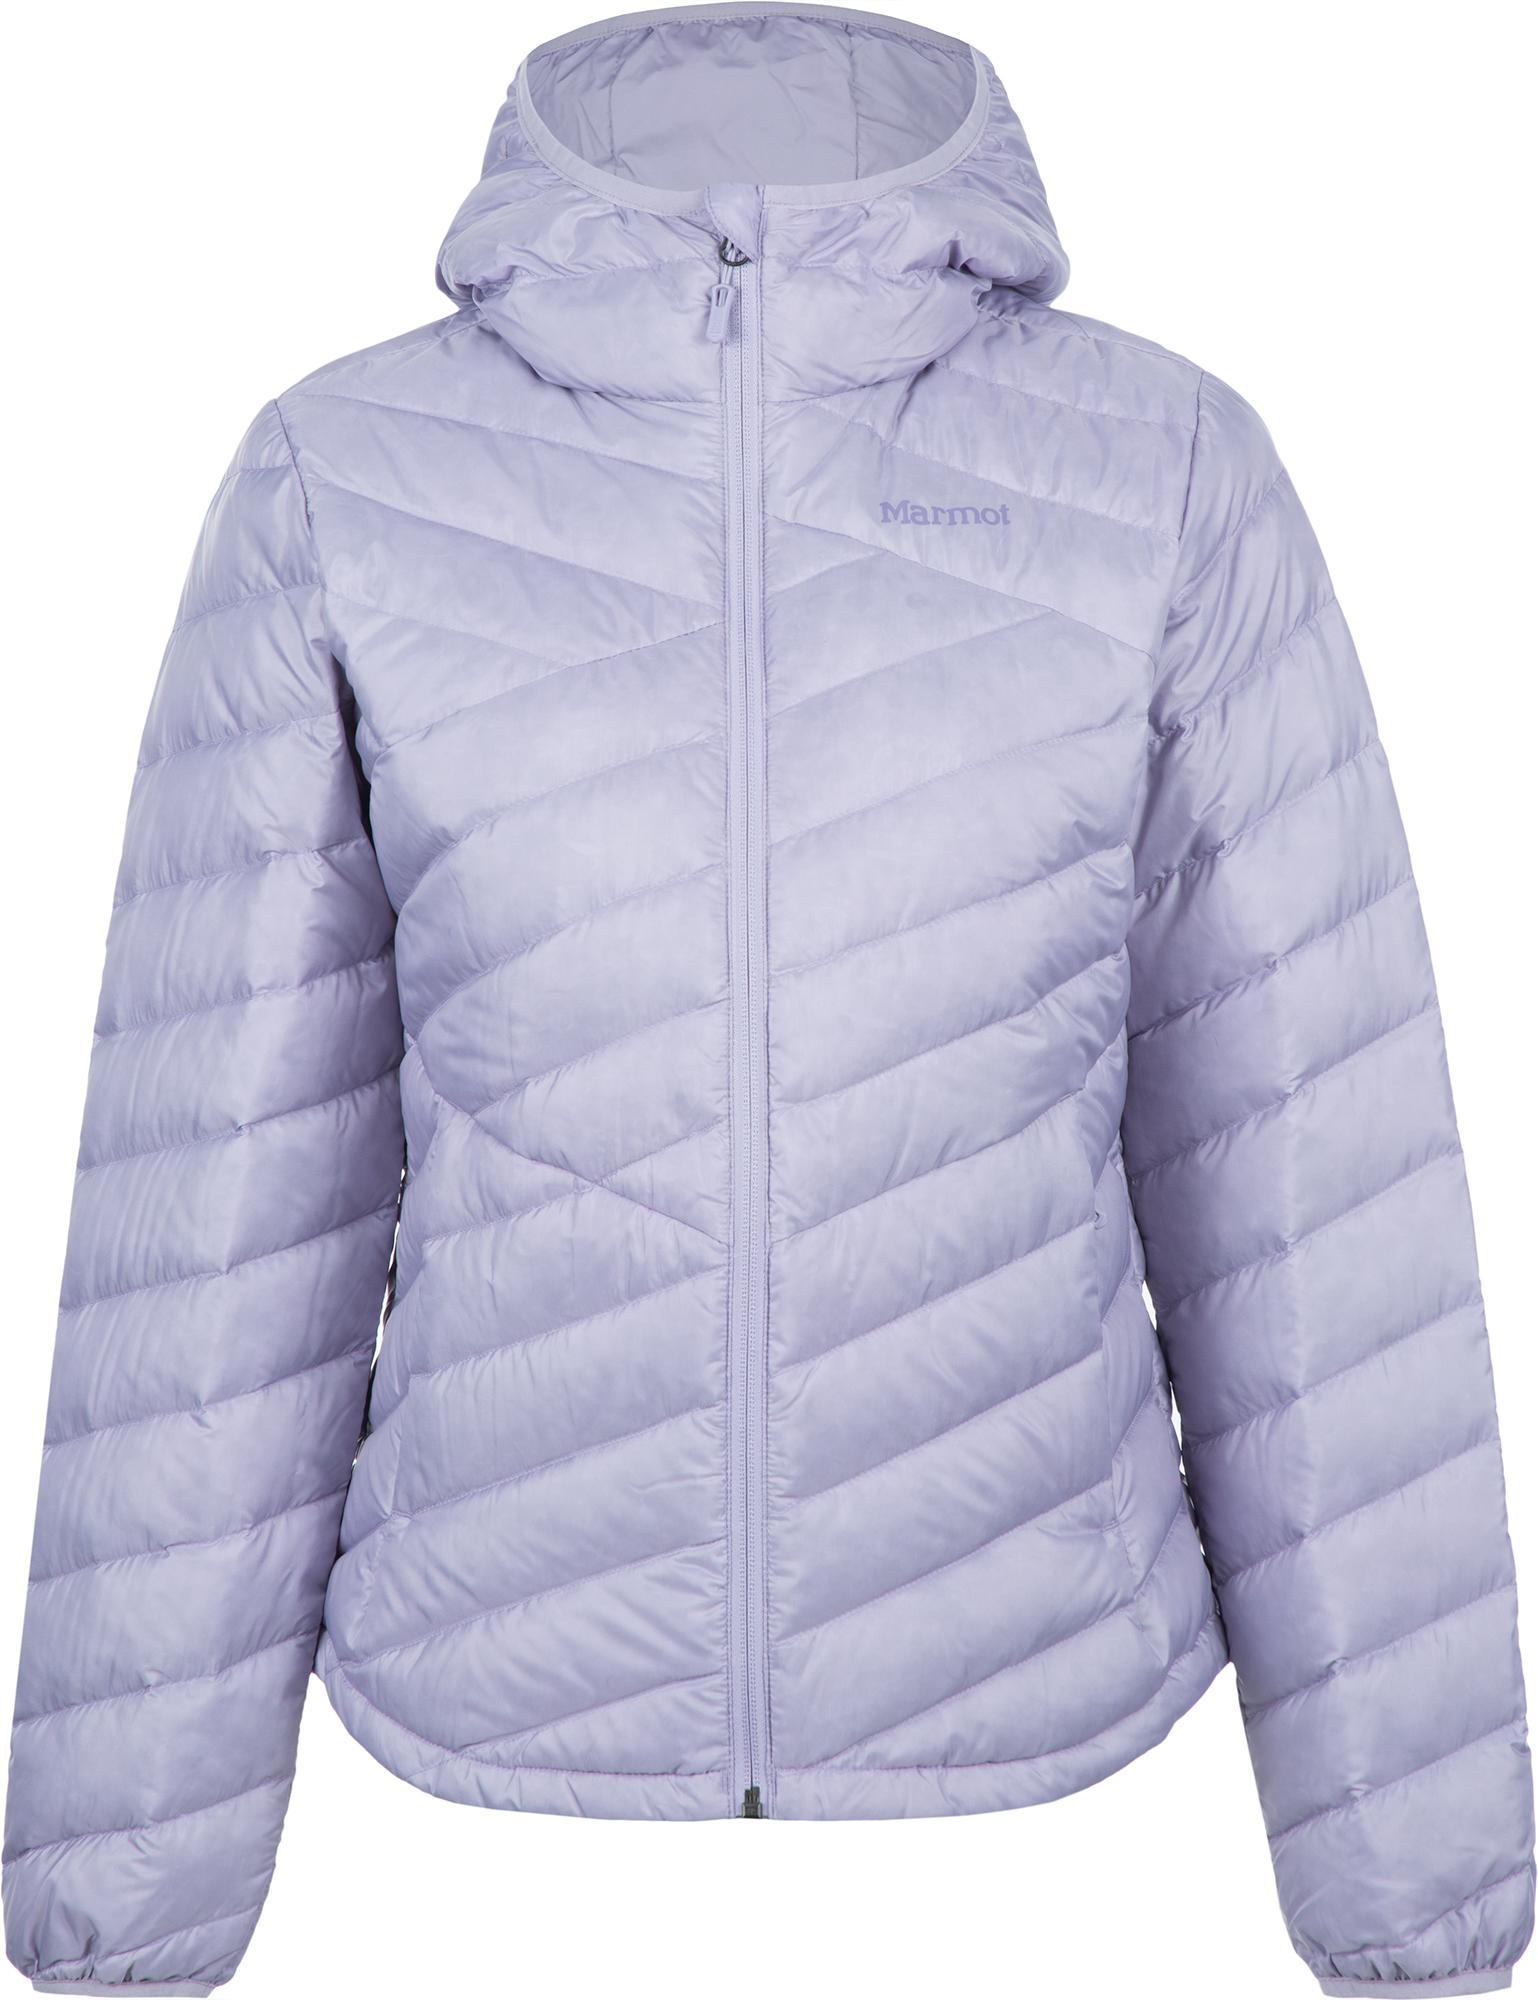 цена на Marmot Куртка пуховая женская Marmot Highlander Hoody, размер 54-56